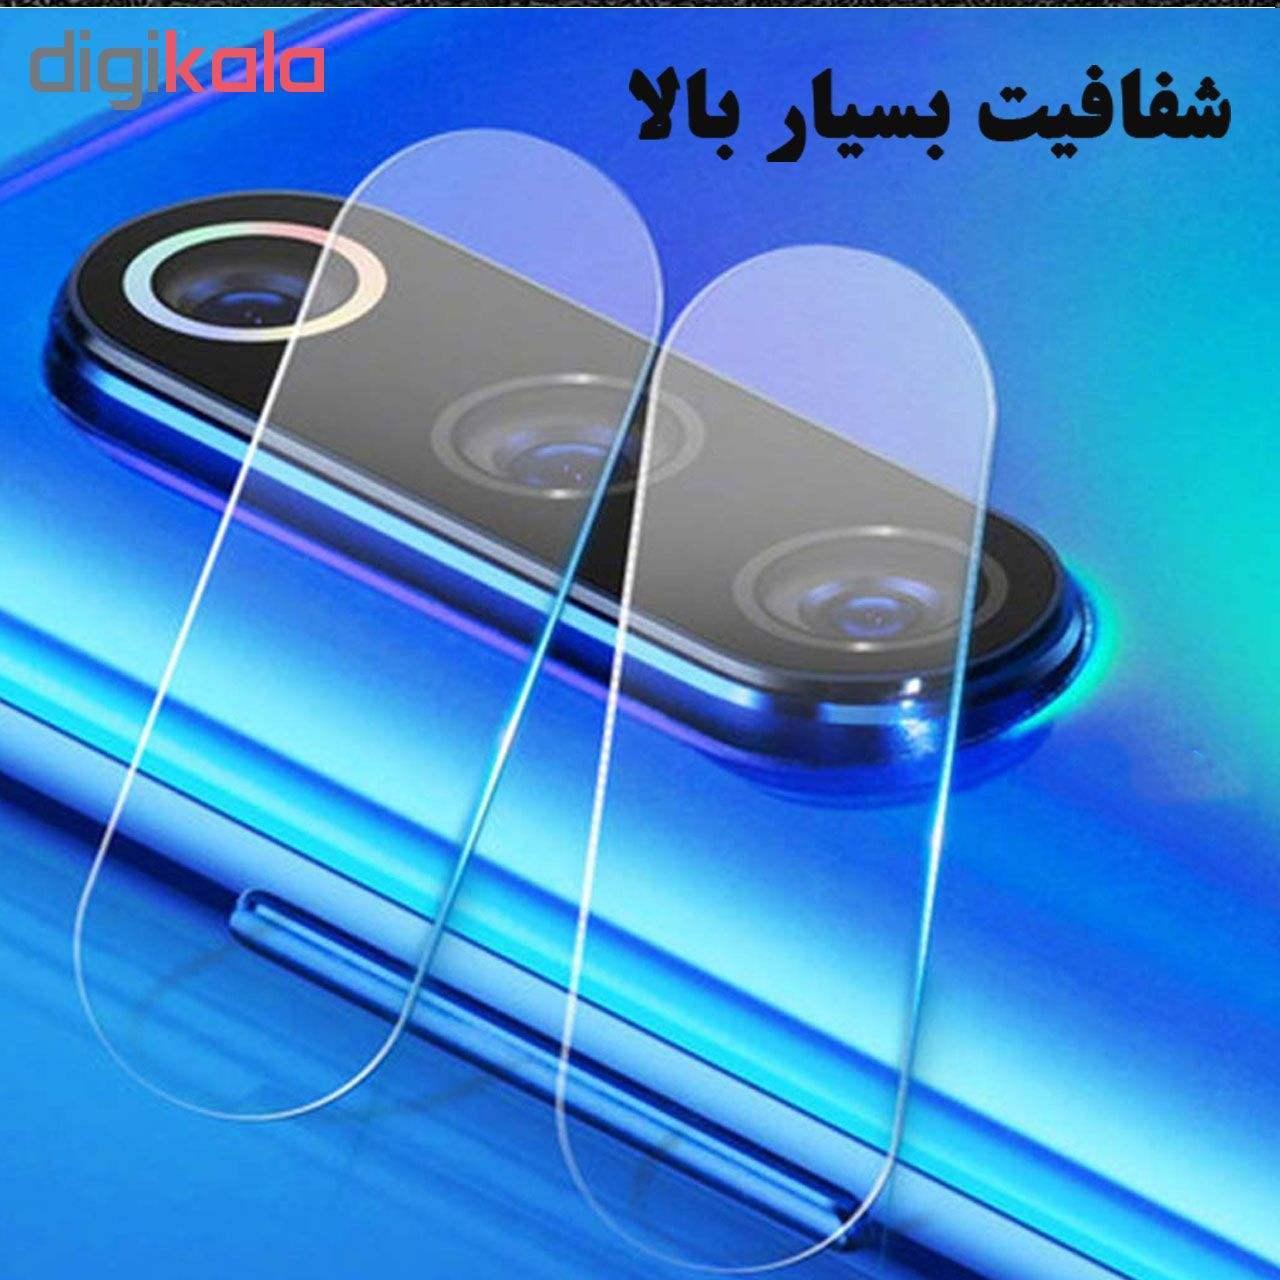 محافظ لنز دوربین هورس مدل UTF مناسب برای گوشی موبایل شیائومی Mi 8 بسته سه عددی main 1 5